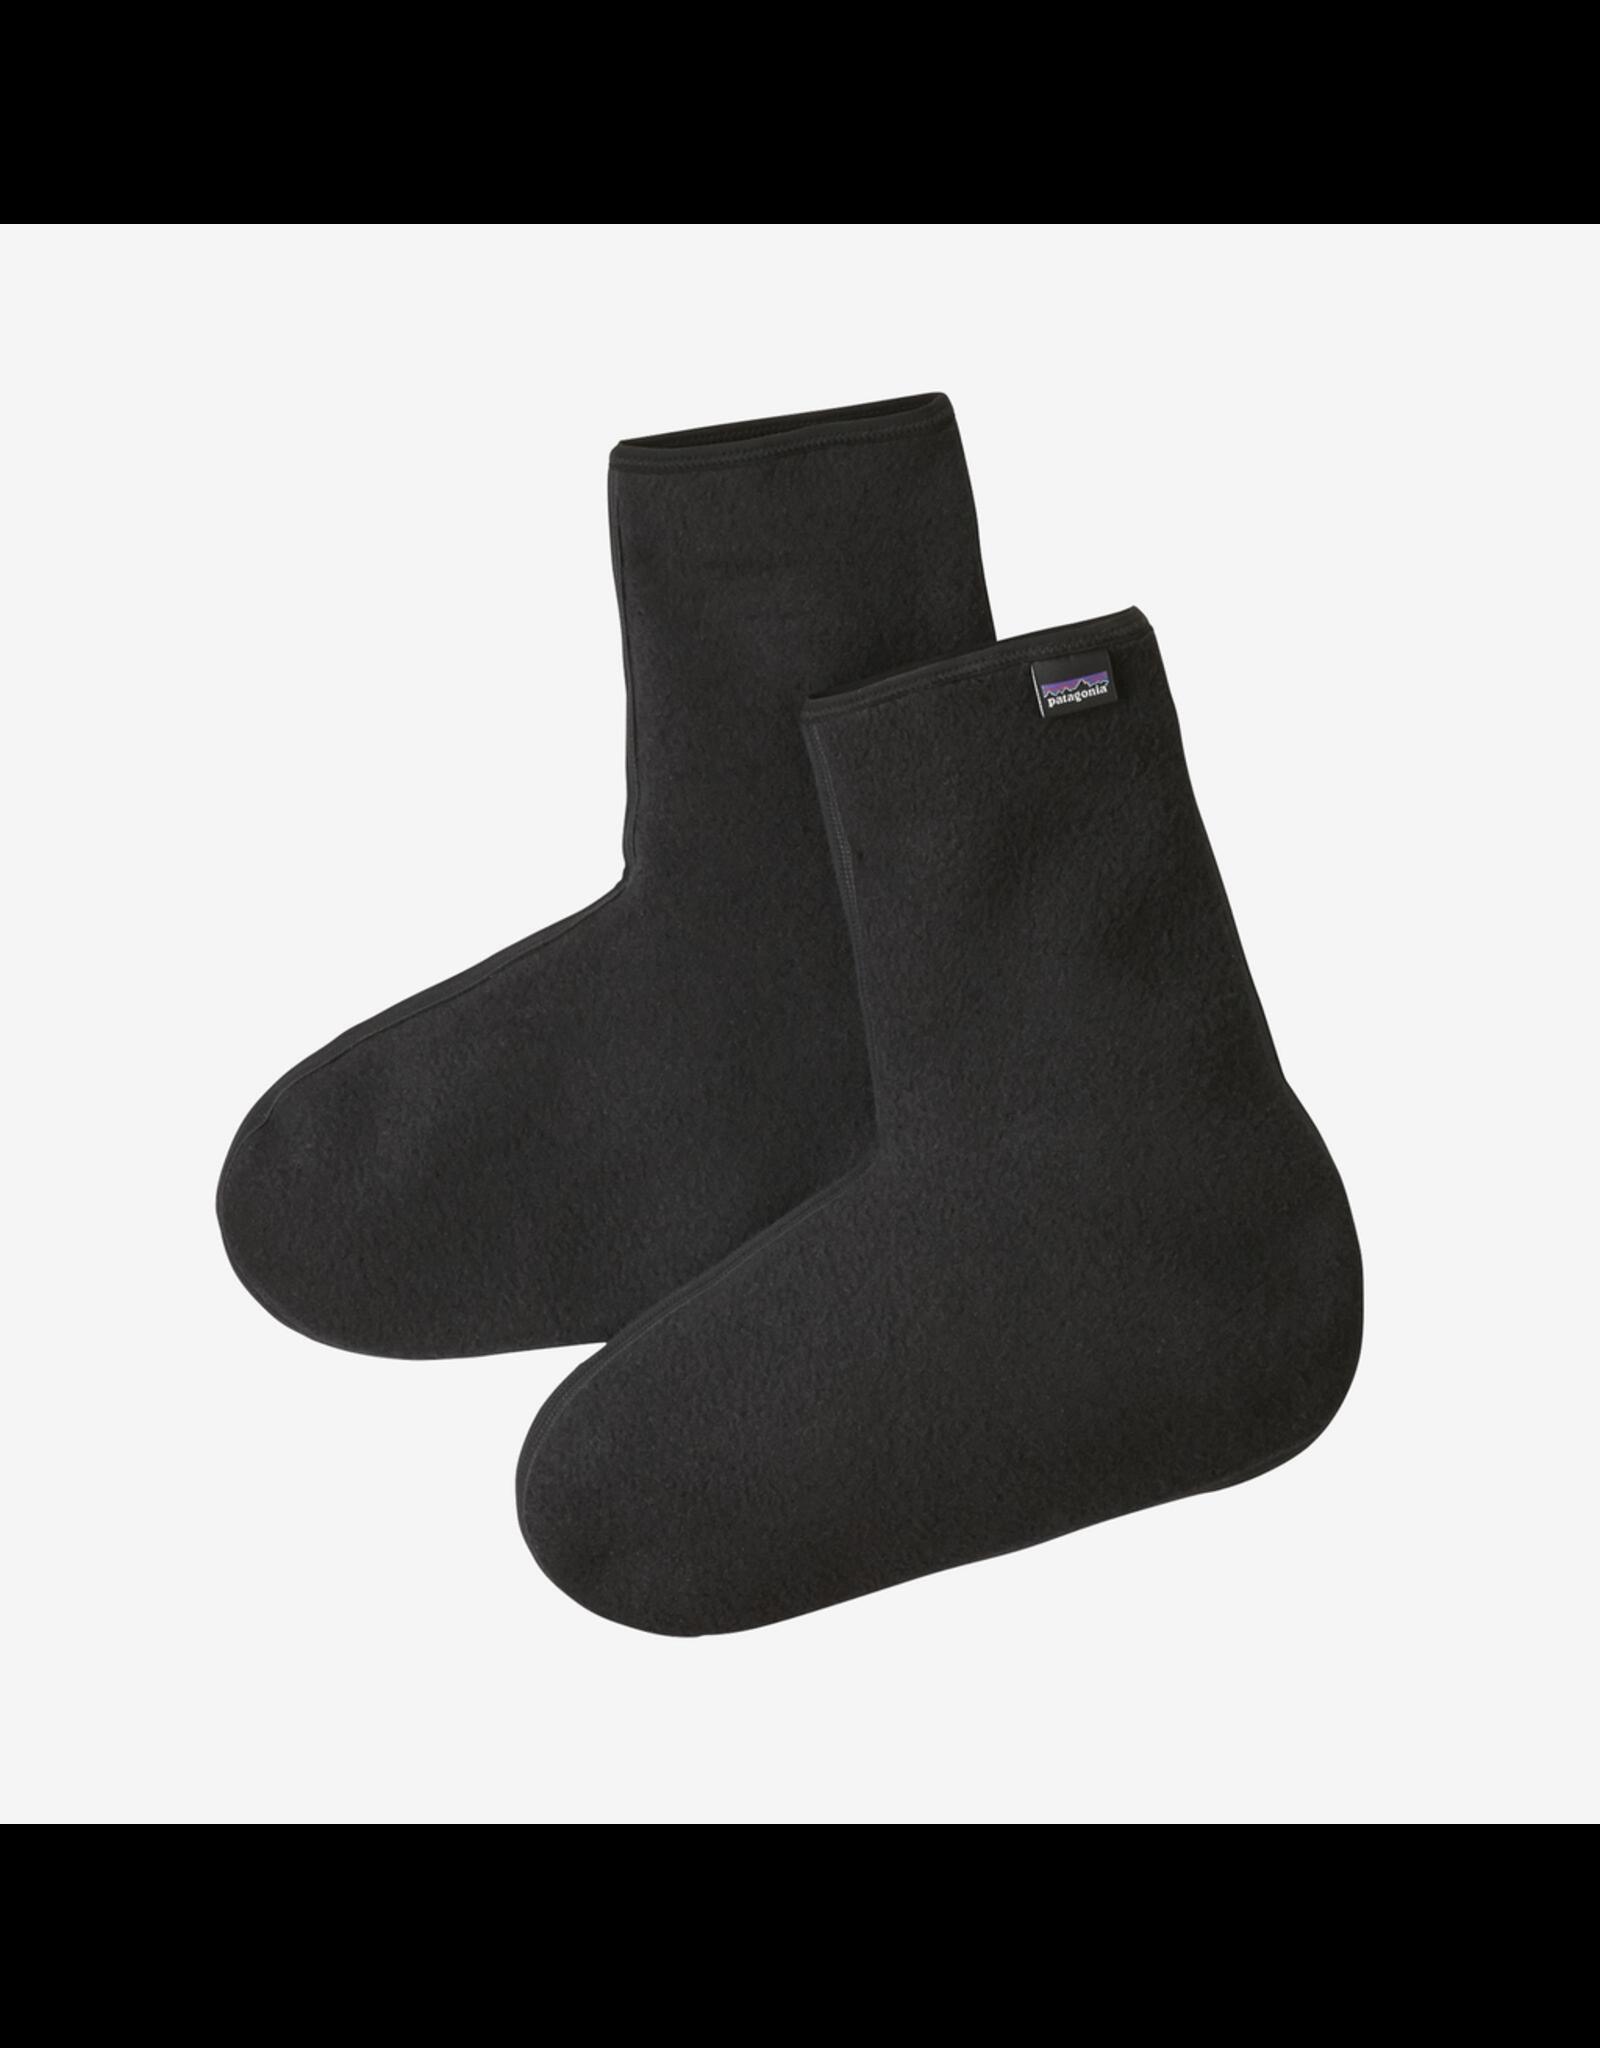 Patagonia Patagonia Winter Weight Fleece Socks